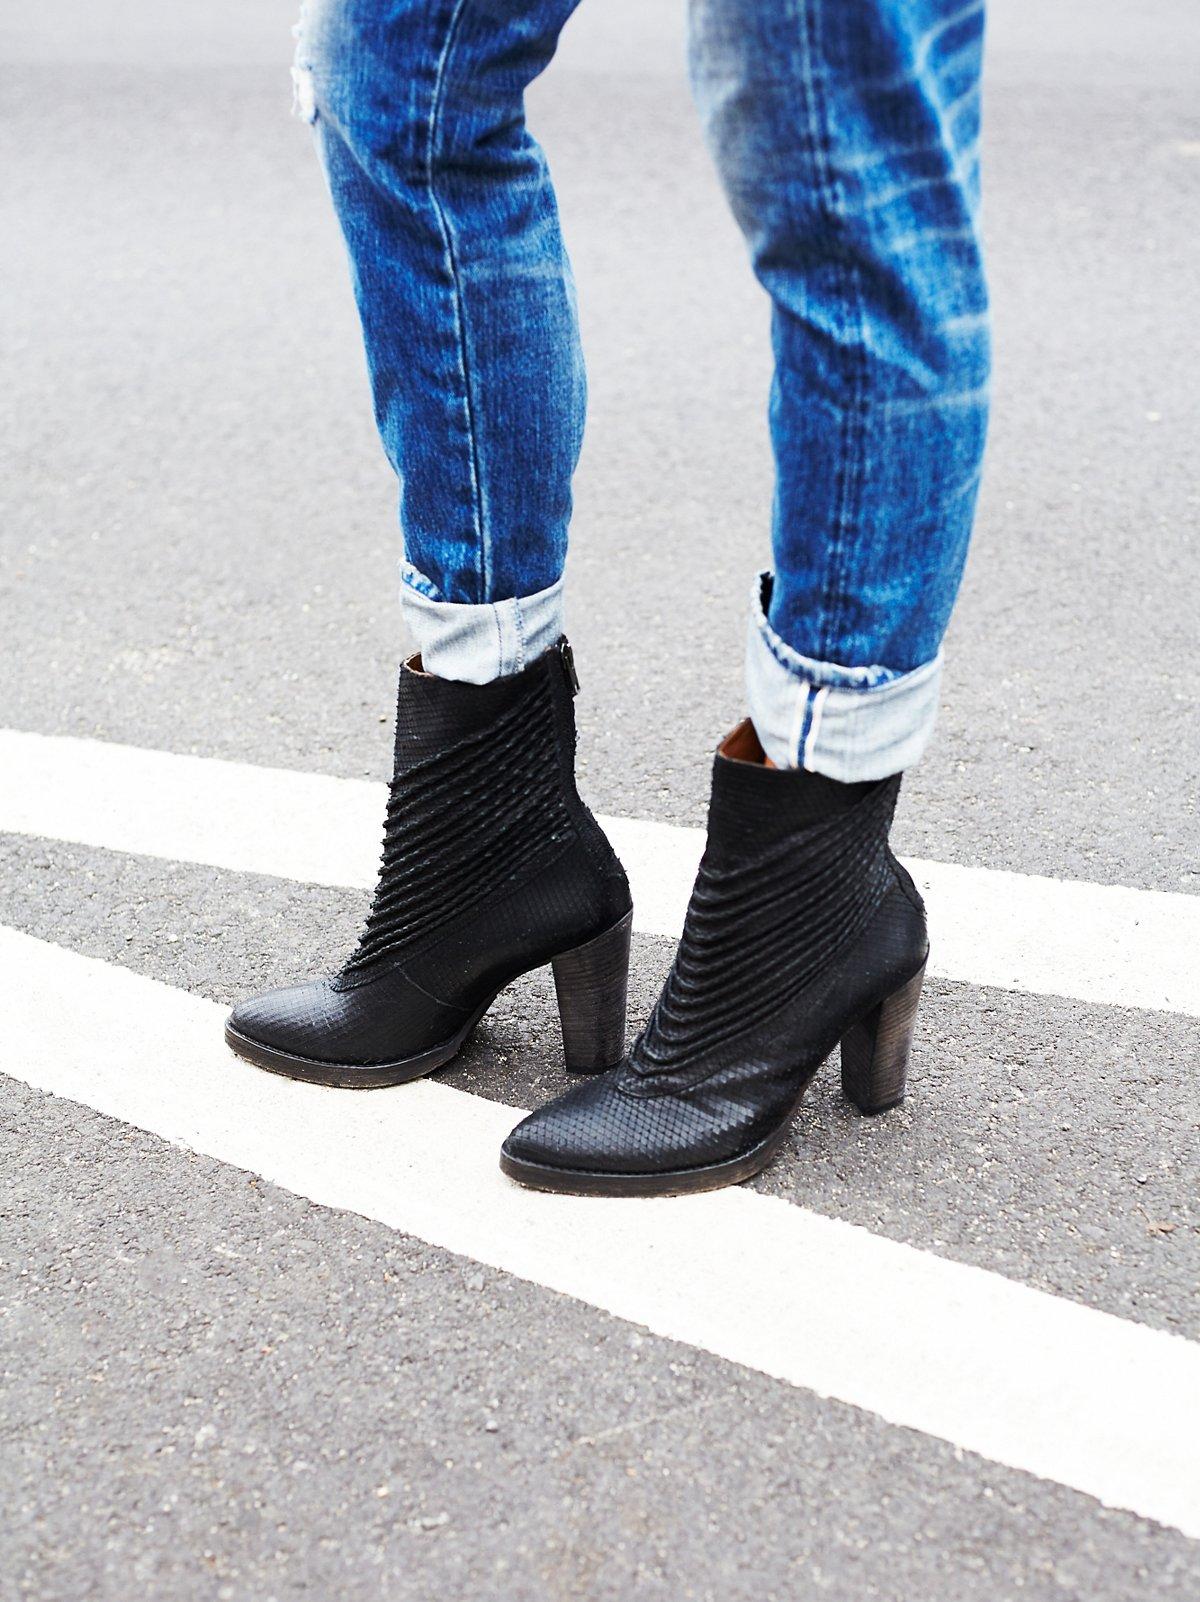 Barleda高跟靴